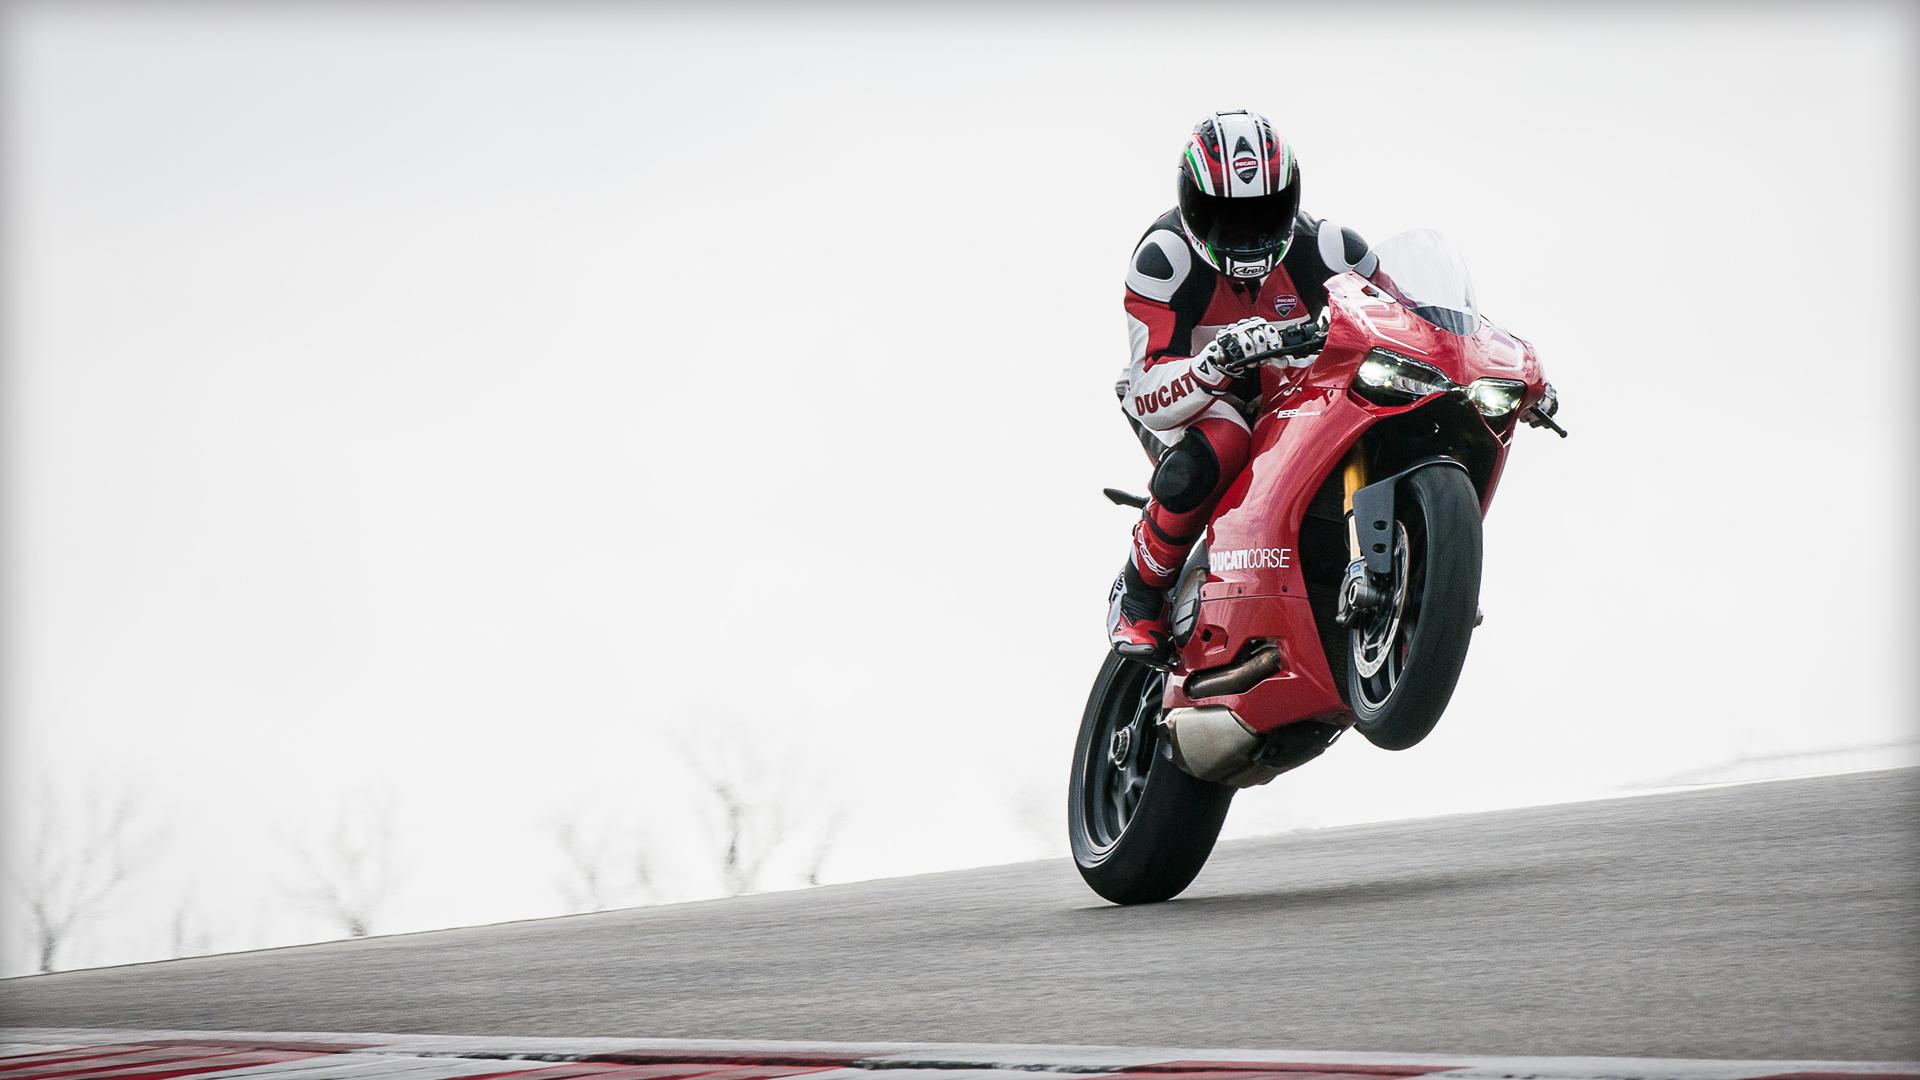 Обои мотоциклисты, Ducati. Мотоциклы foto 2